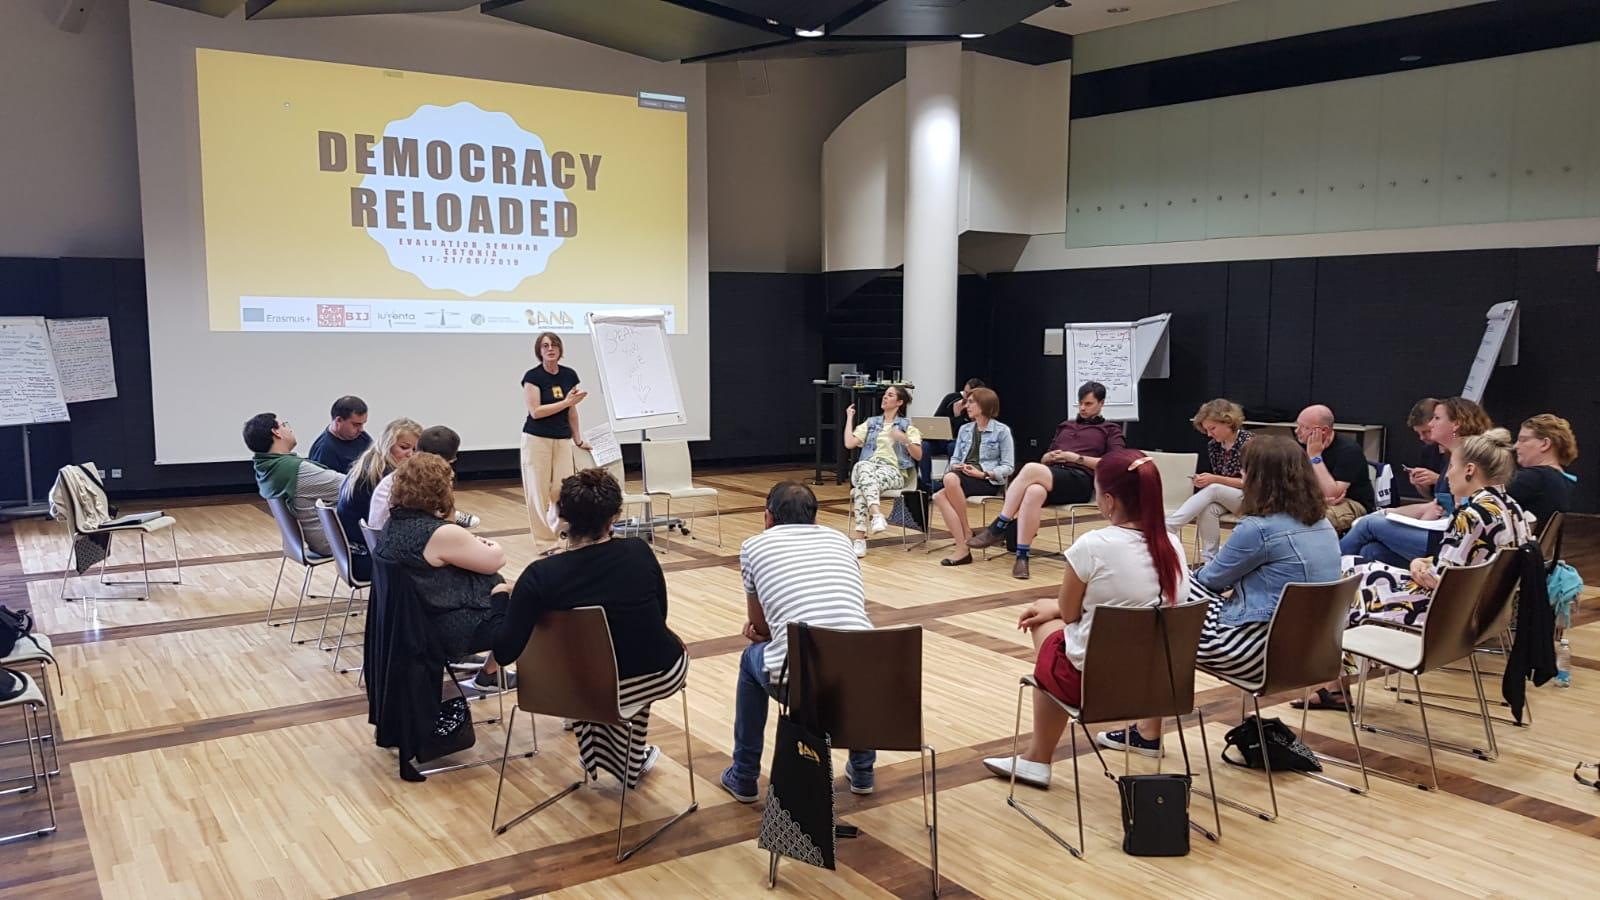 HDD na treningu Democracy reloaded